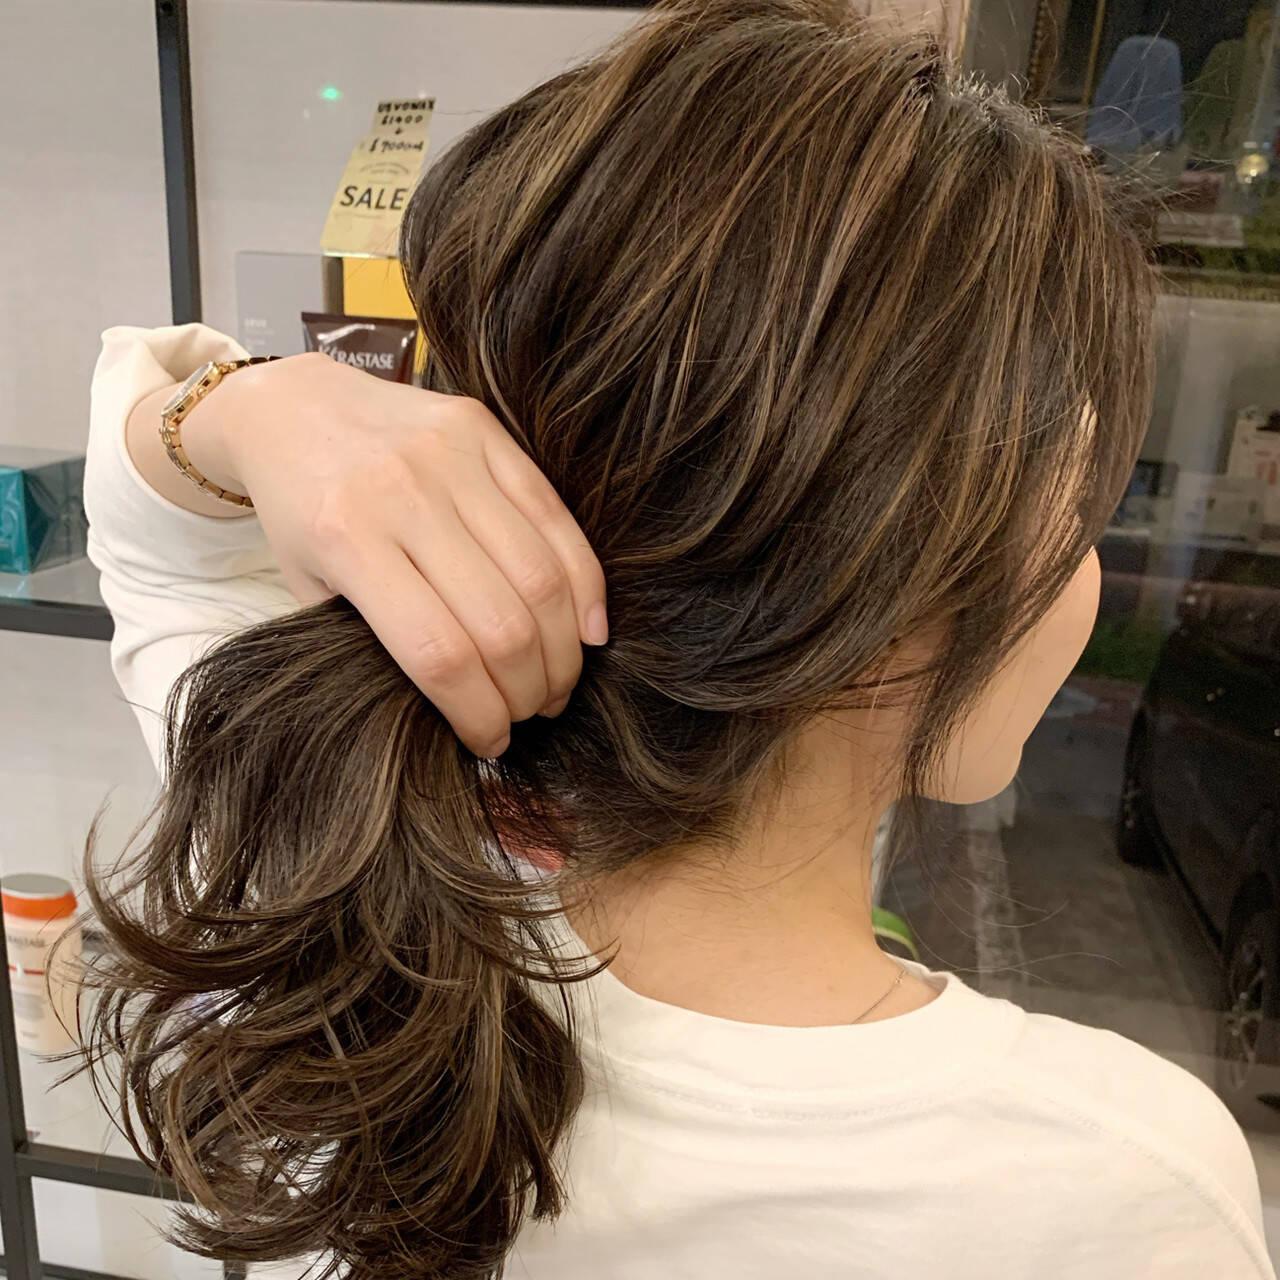 エクステ コントラストハイライト セミロング ストリートヘアスタイルや髪型の写真・画像